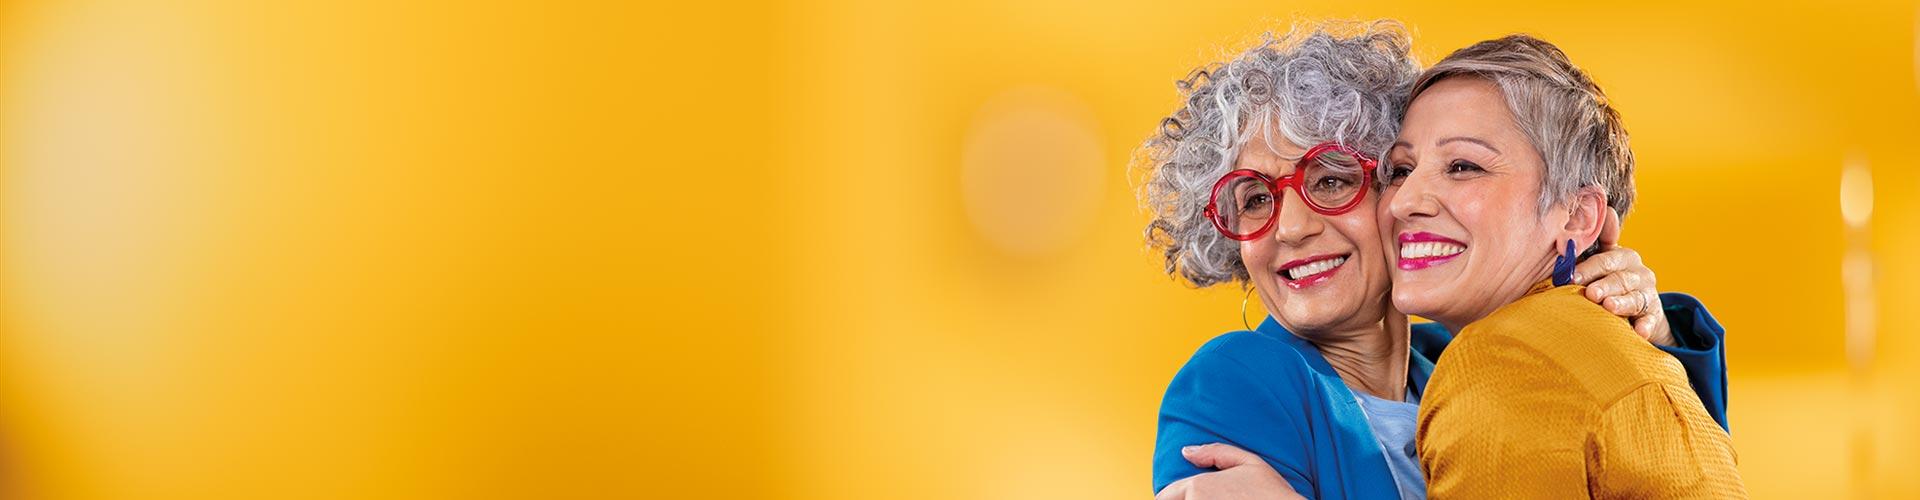 Deux femmes heureuses d'être ensemble. Philips Hearing Solutions vous aide à mieux entendre et à partager de bons moments avec vos proches.